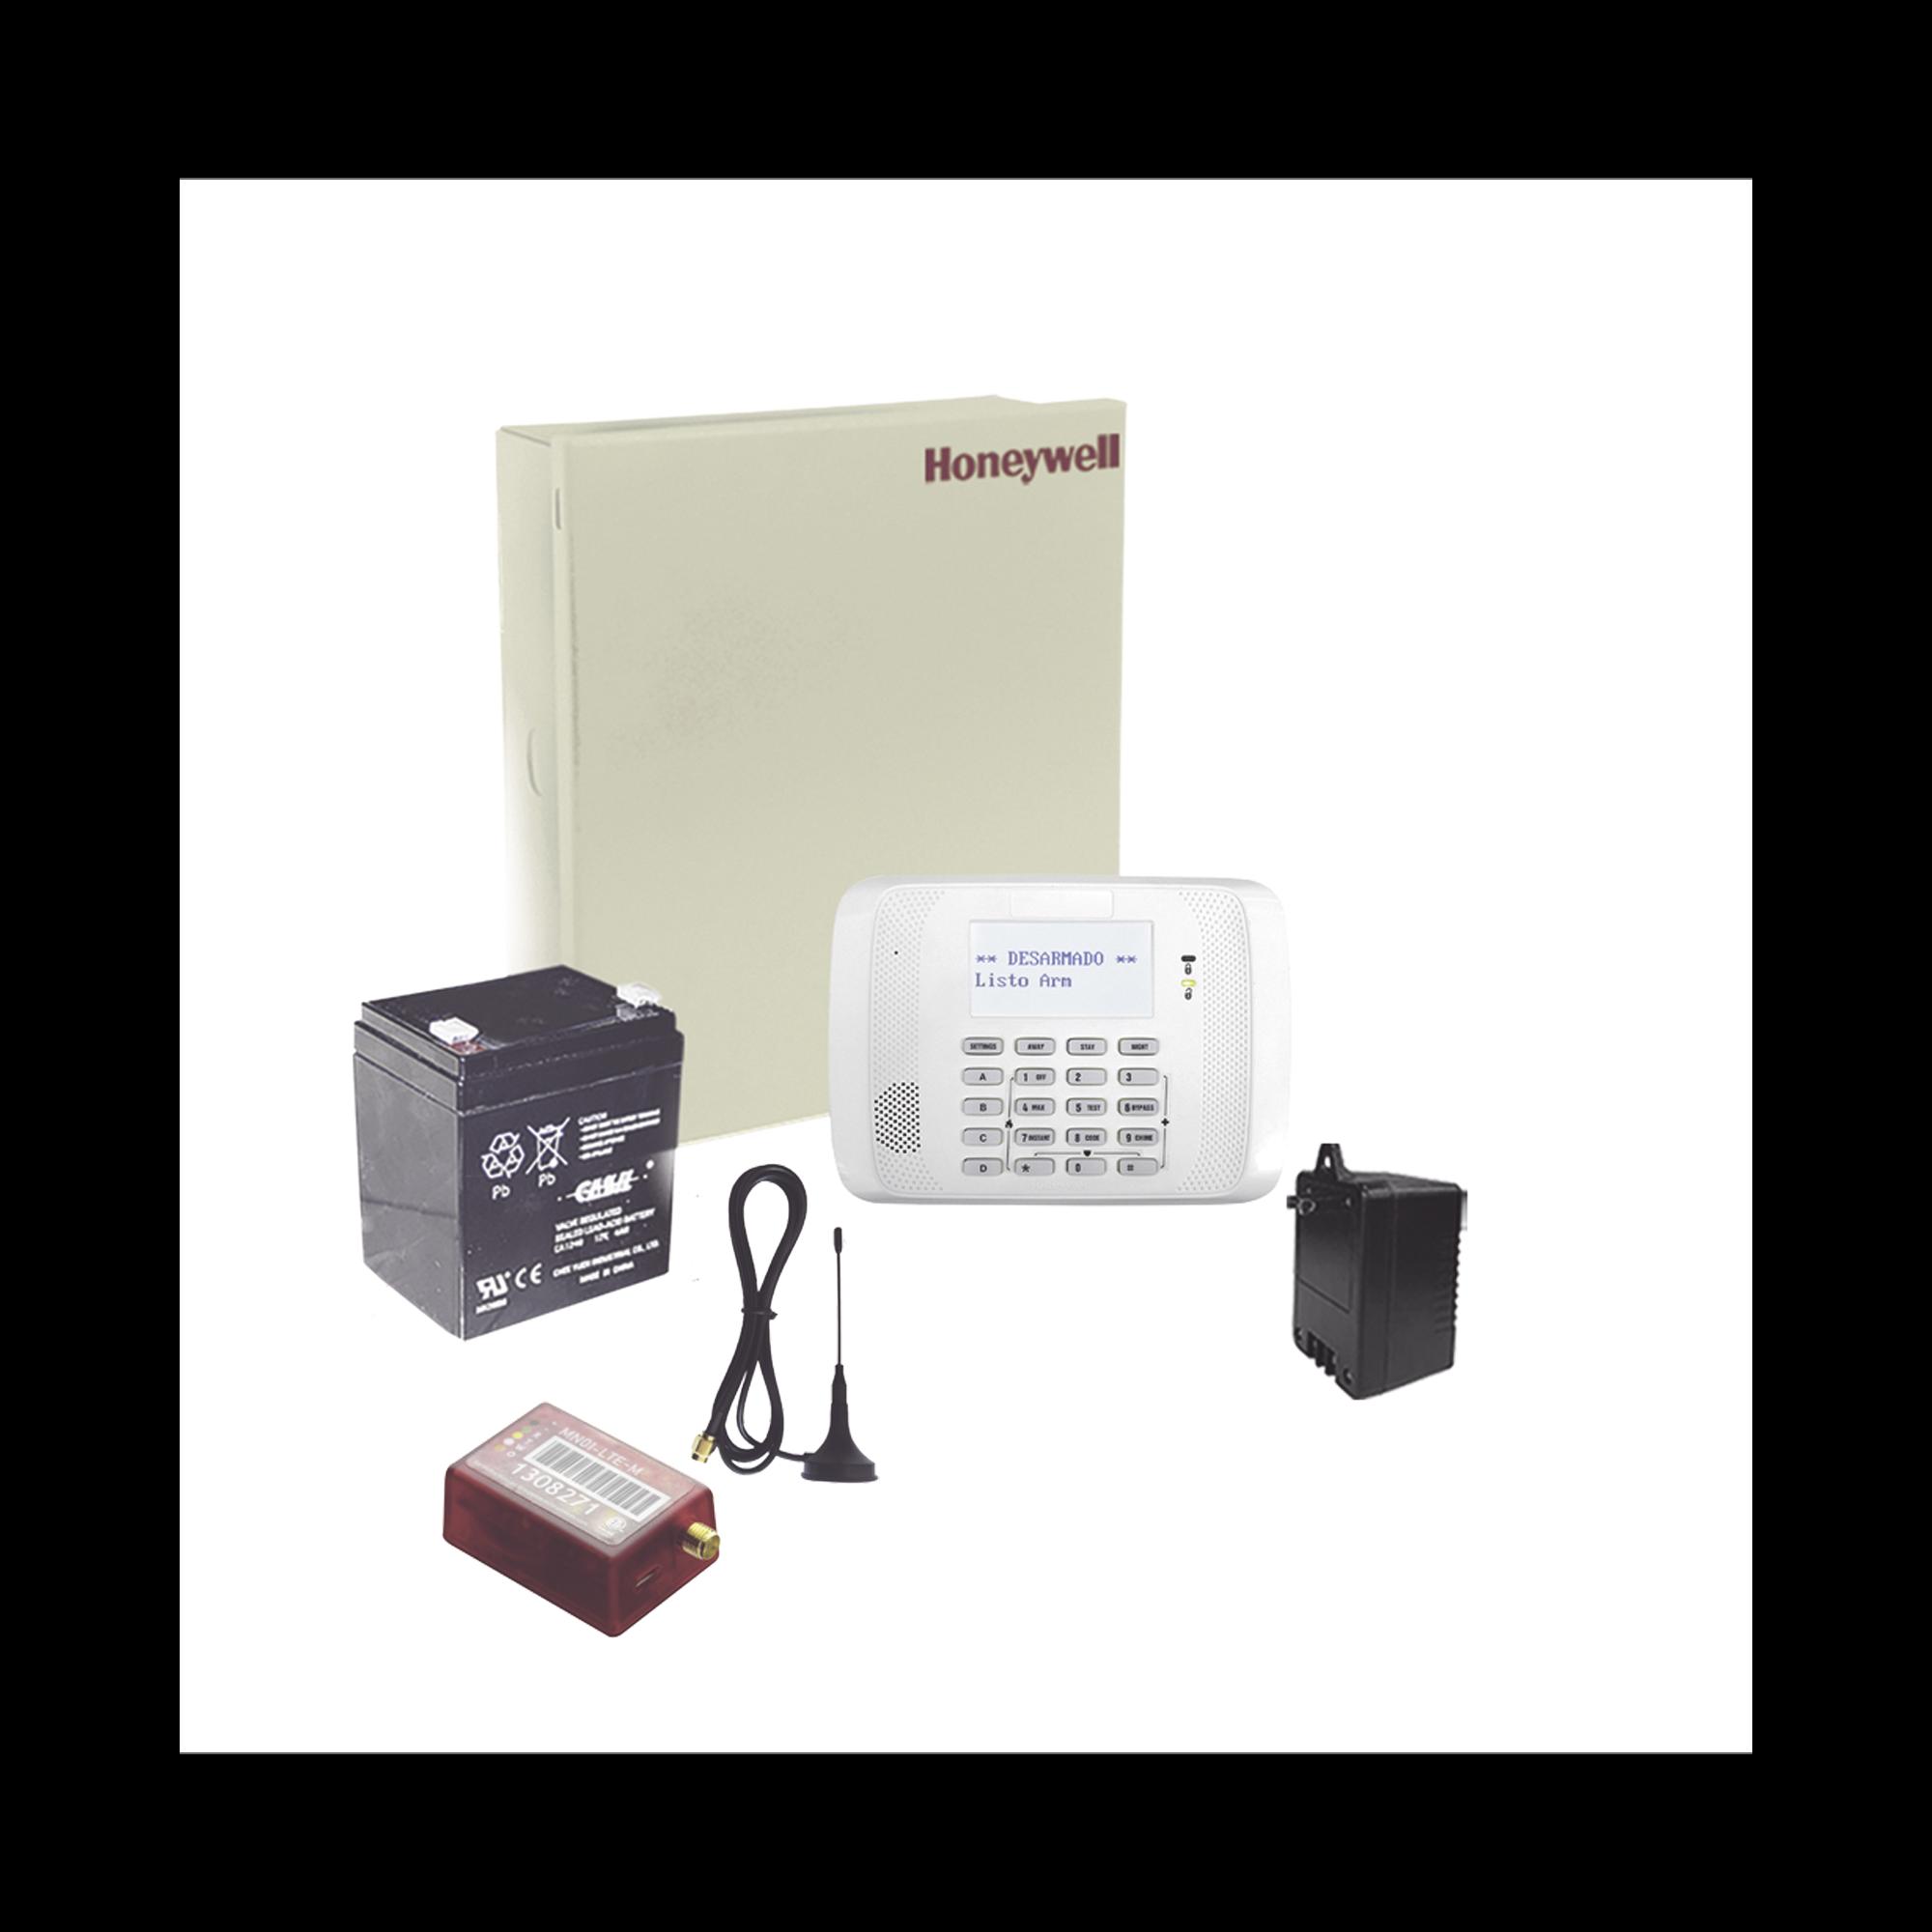 (2 Años 4GLTEM/5G ILIMITADO INCLUIDO)  Kit Vista48LA con comunicador 4GLTEM/5G MN02, Teclado, Gabinete, Batería y Transformador